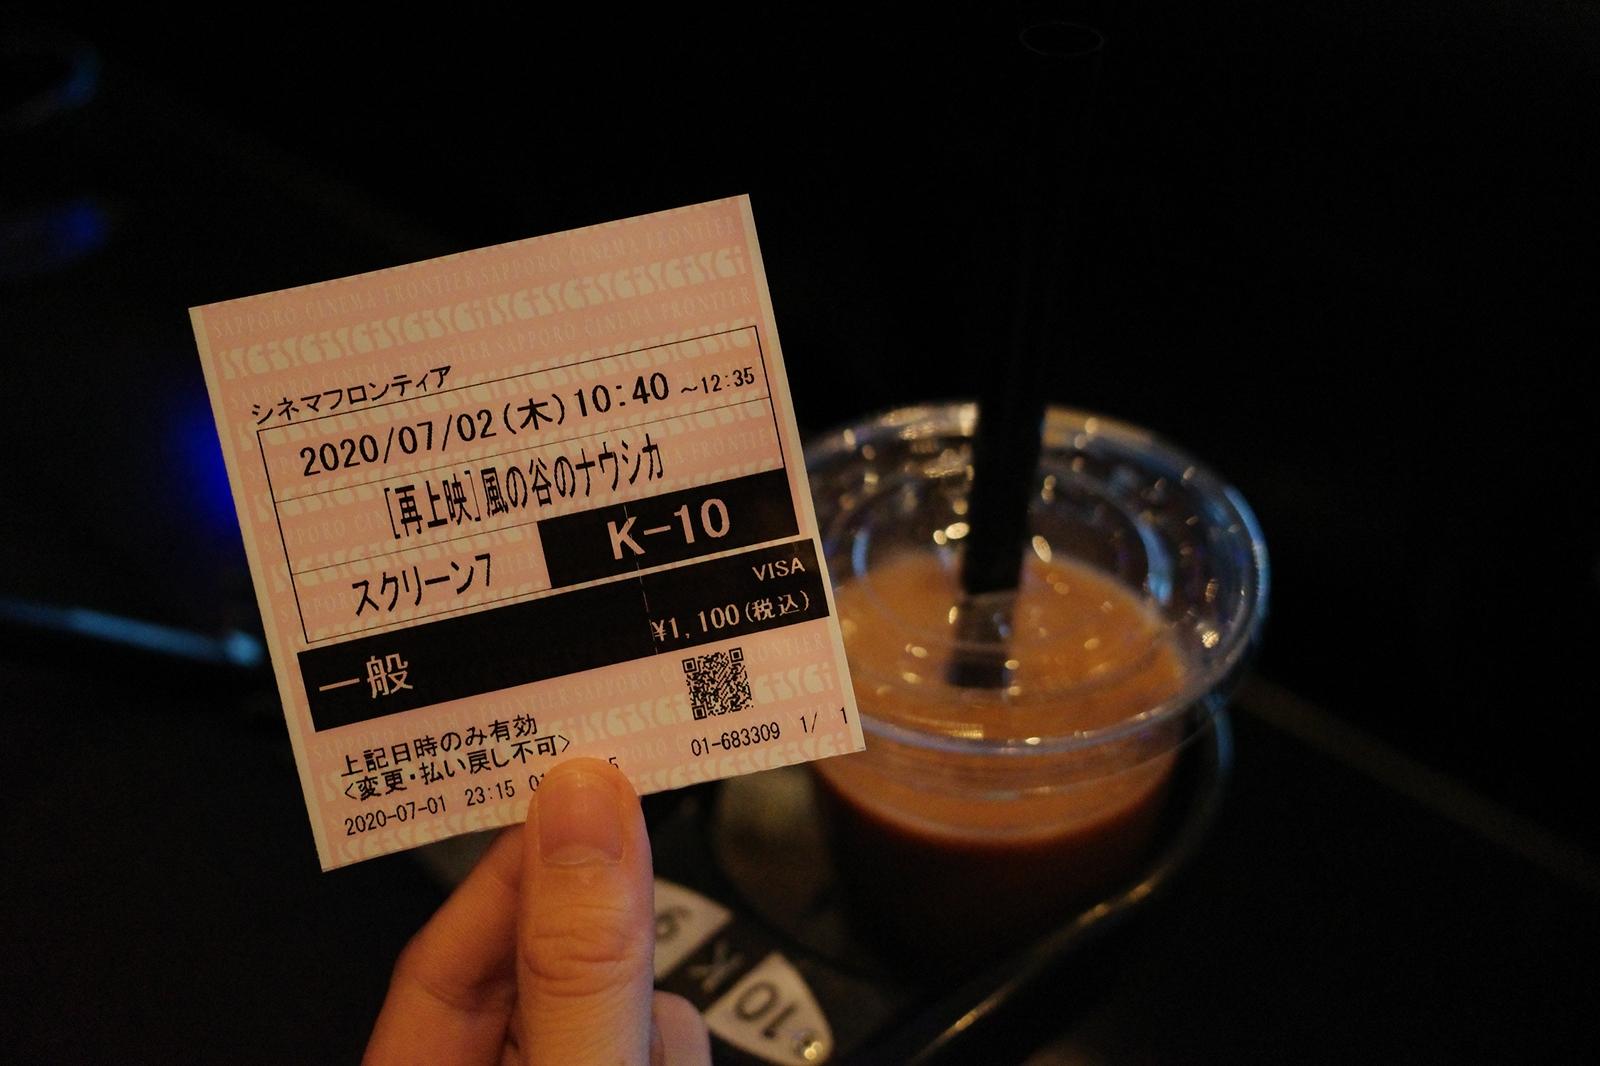 【風の谷のナウシカ】#一生に一度は映画館でジブリを_2